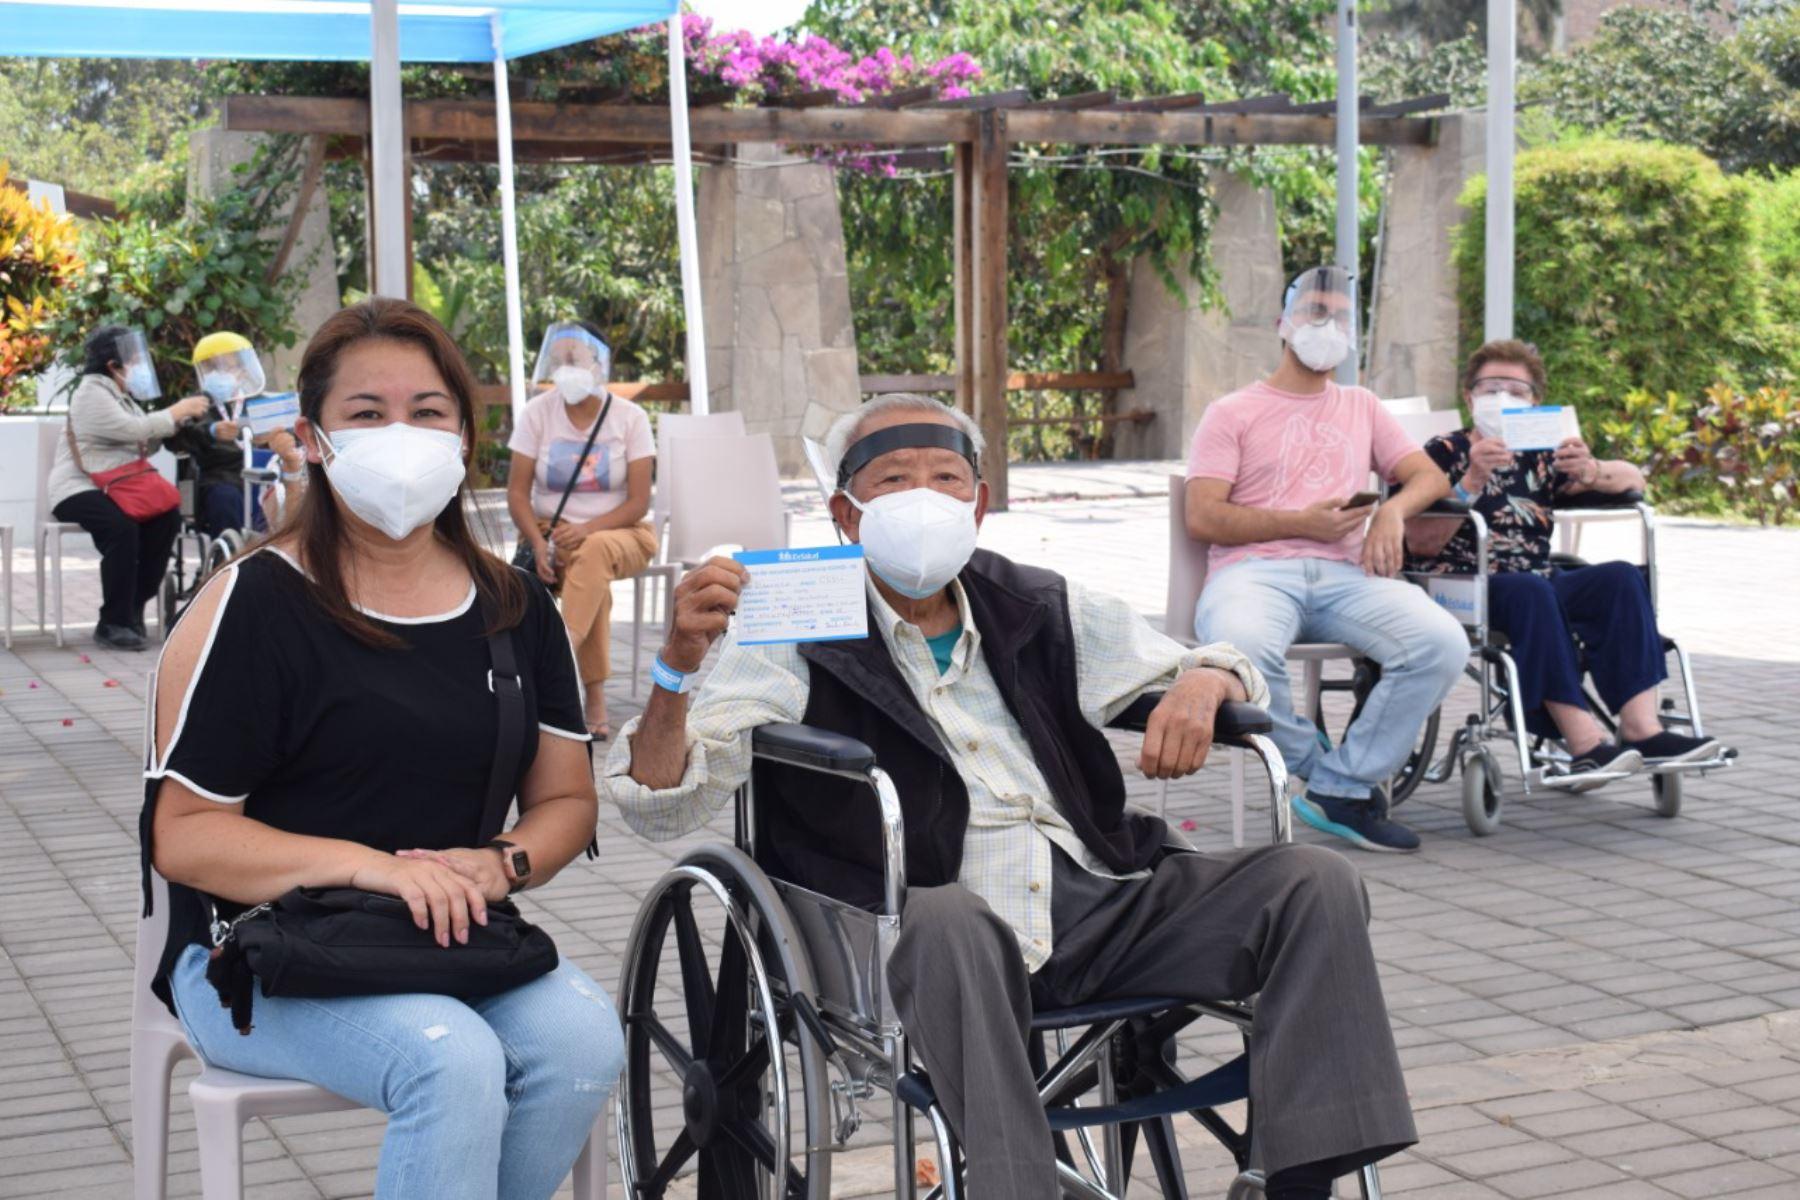 Los asegurados adultos mayores, de 85 años a más, previamente citados, siguen llegando a inmunizarse con la segunda dosis de la vacuna contra la covid-19, al vacunatorio Essalud San Isidro Labrador en Ate. Foto: ANDINA/Essalud